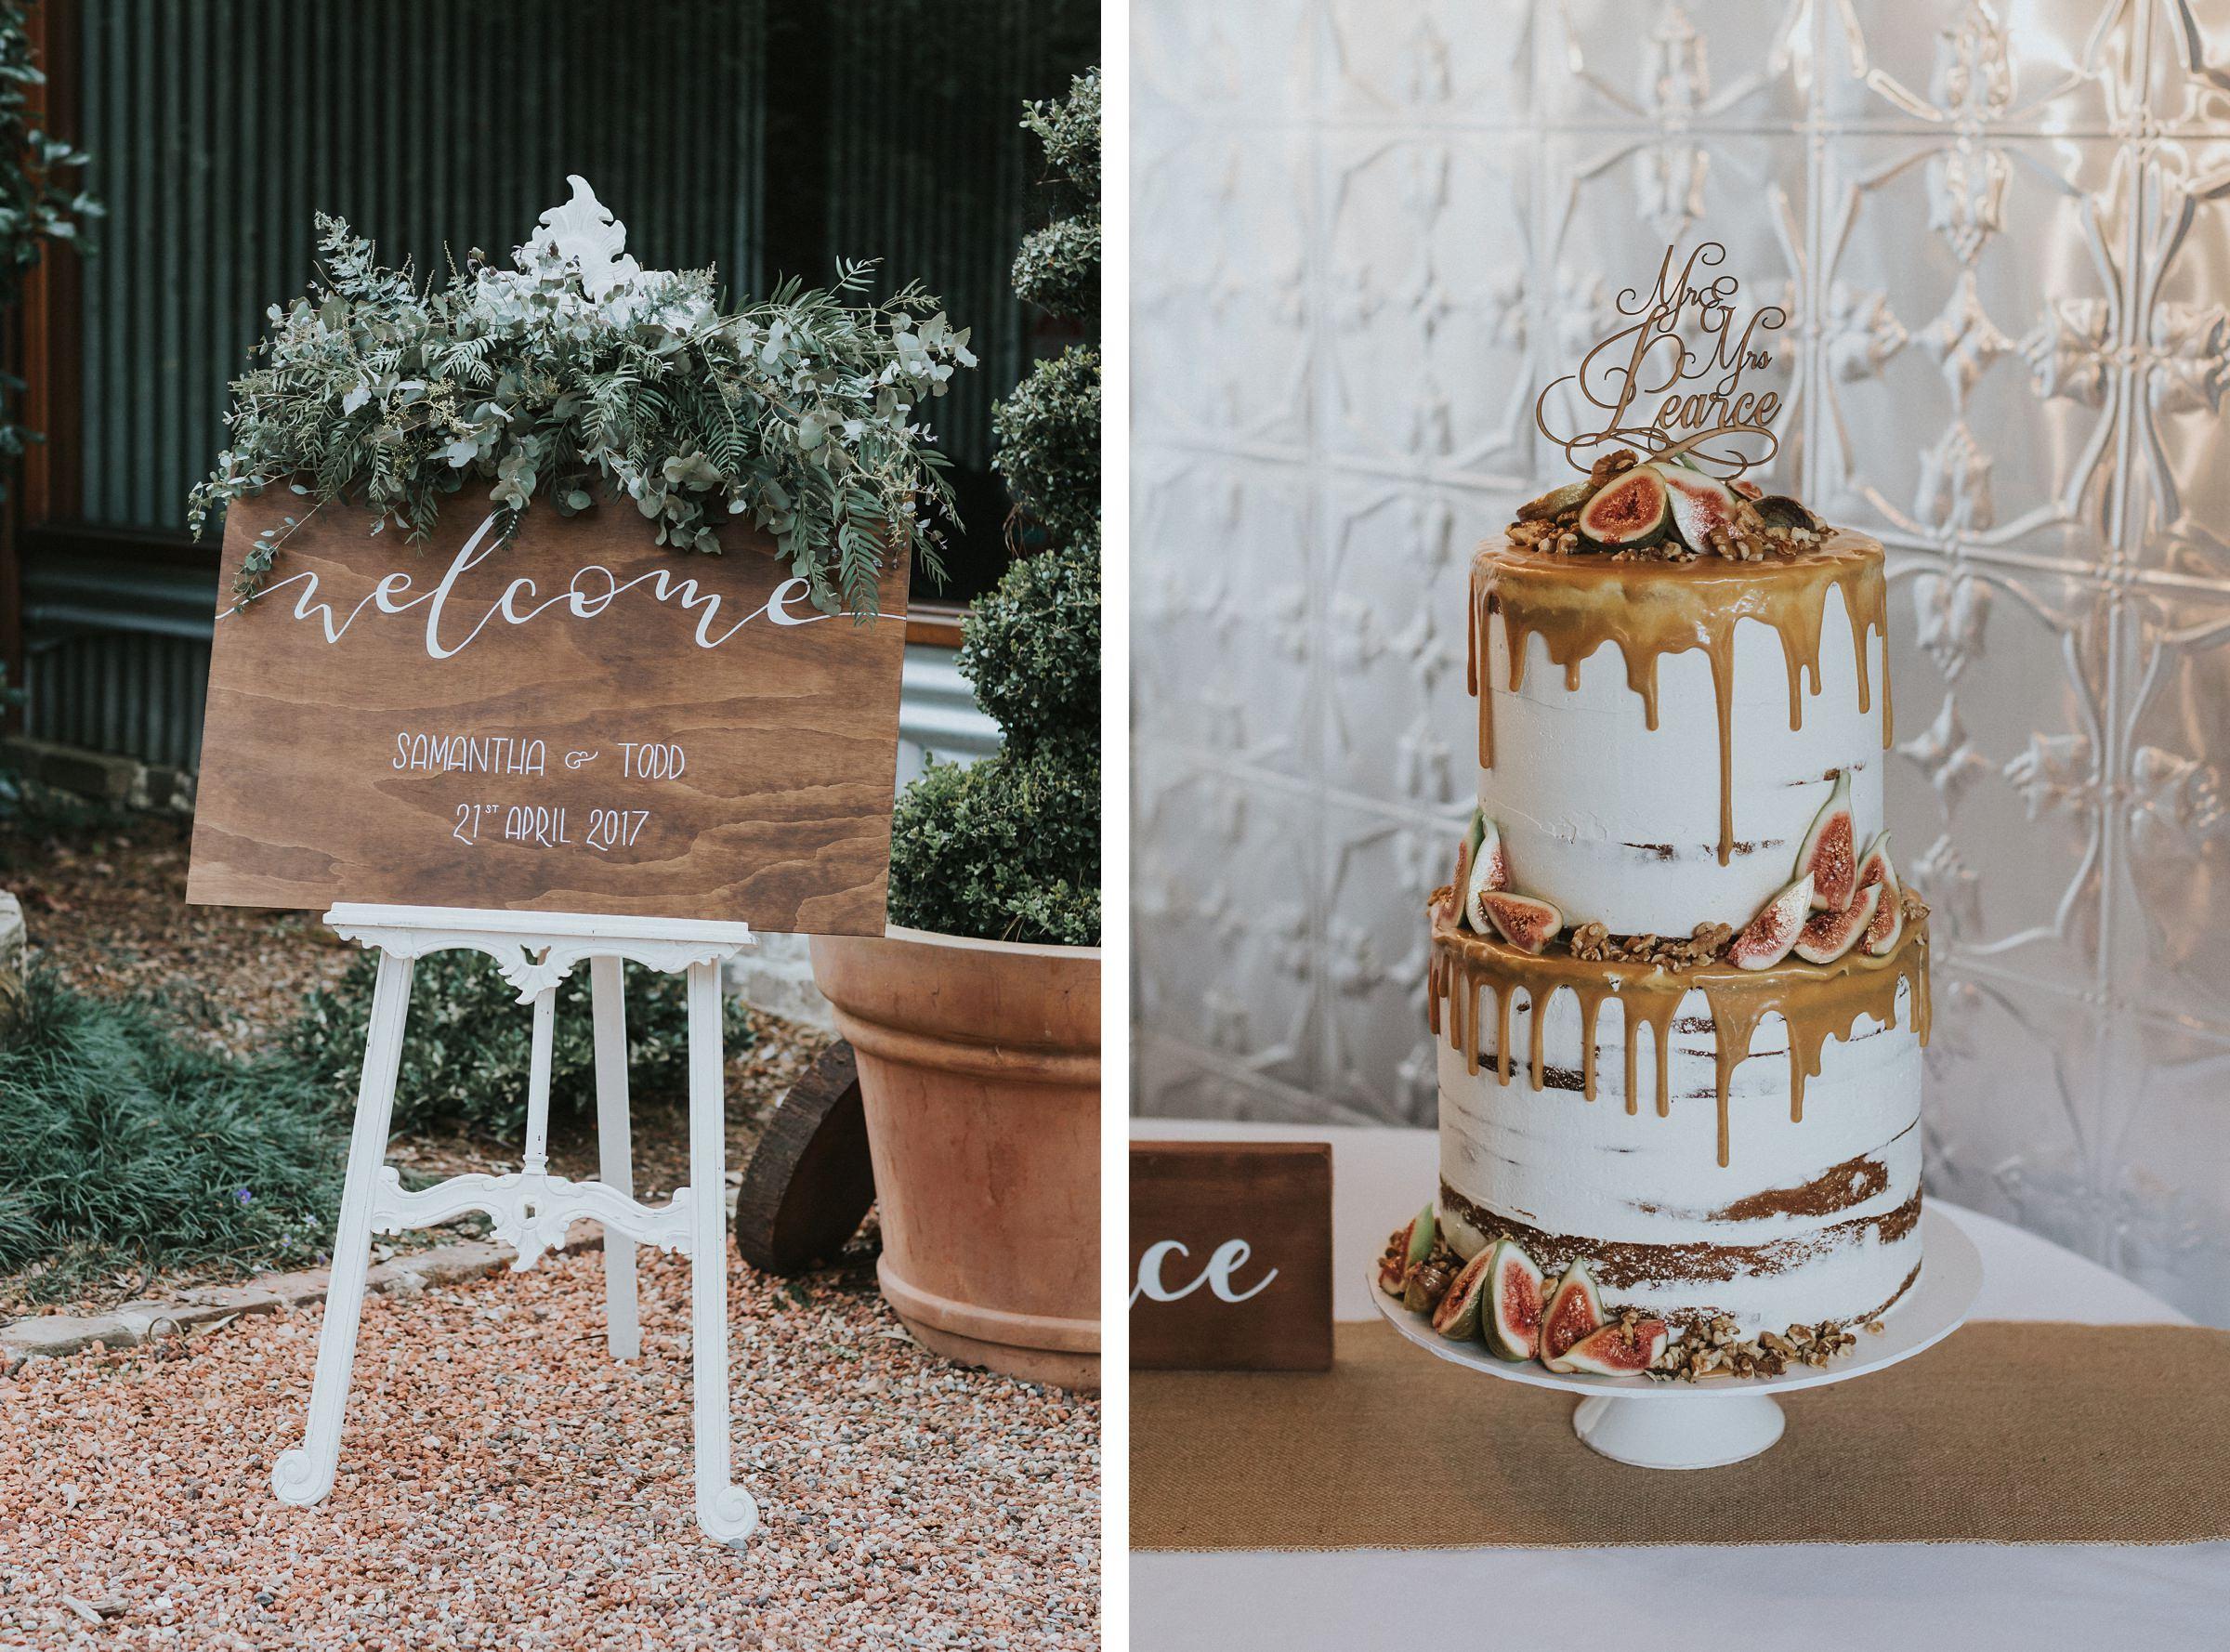 wedding reception details at mali brae farm barn